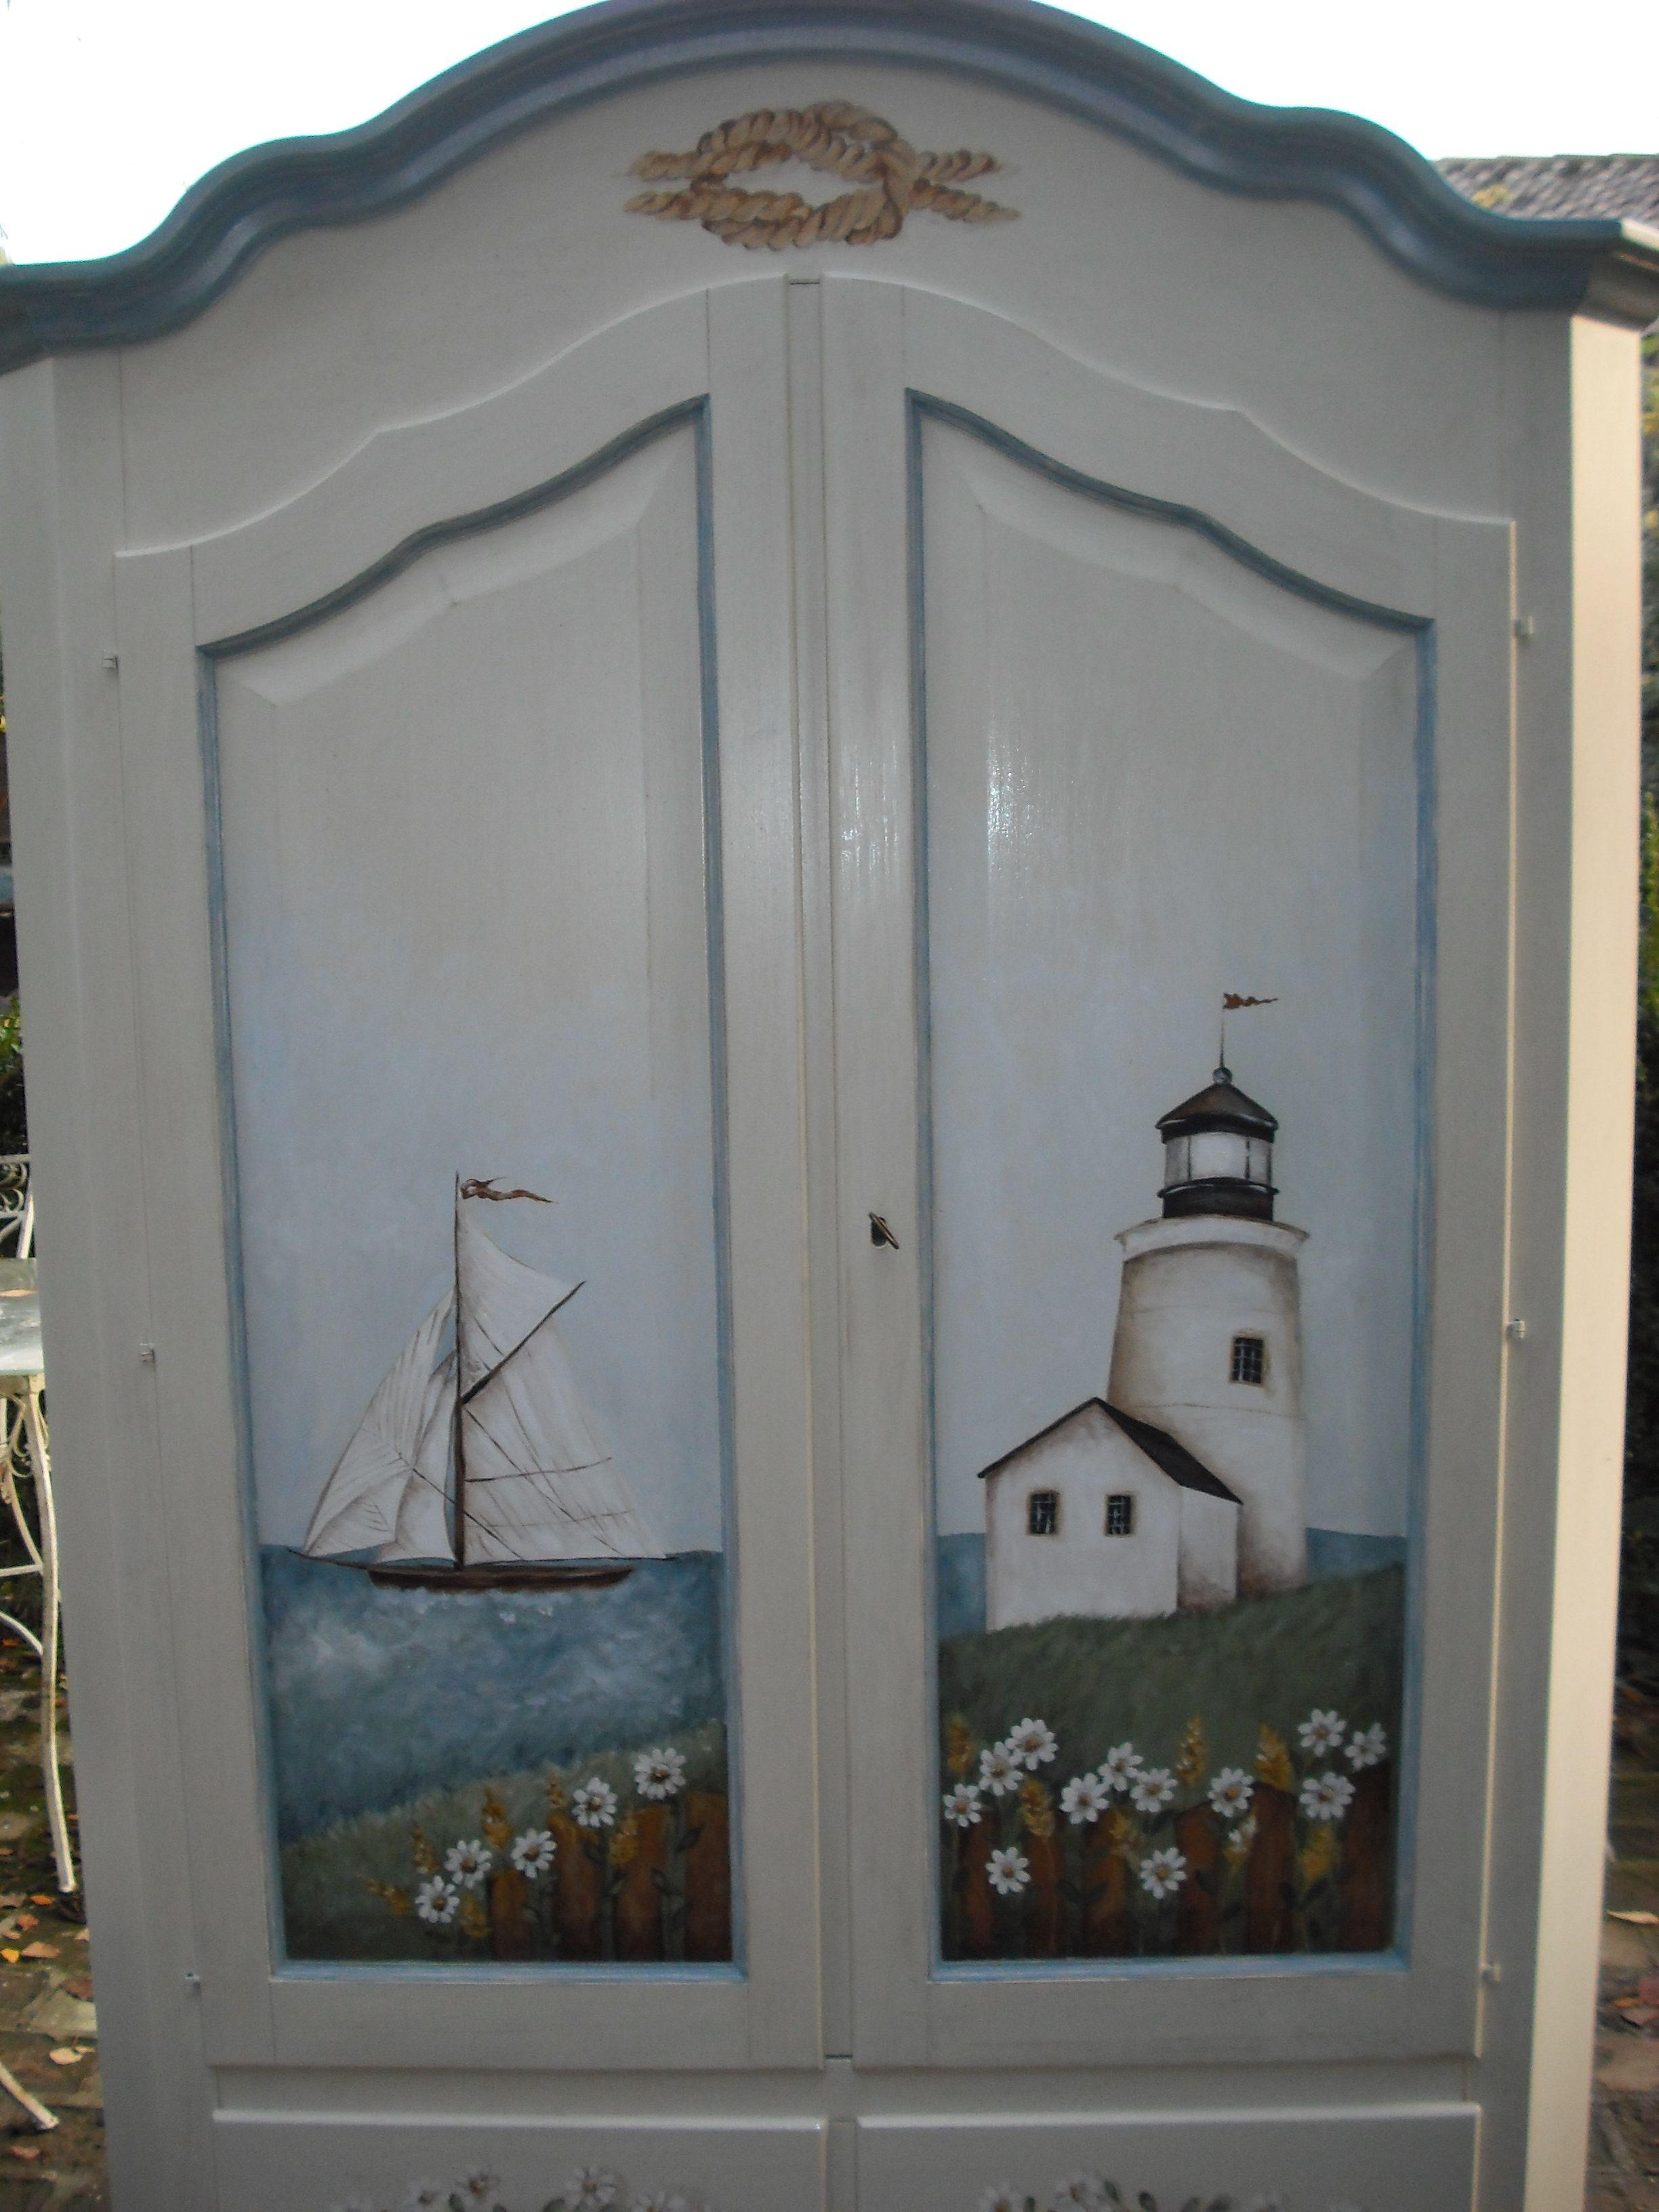 Armadio Casa Al Mare armadio casa al mare | muebles, pinturas, casas